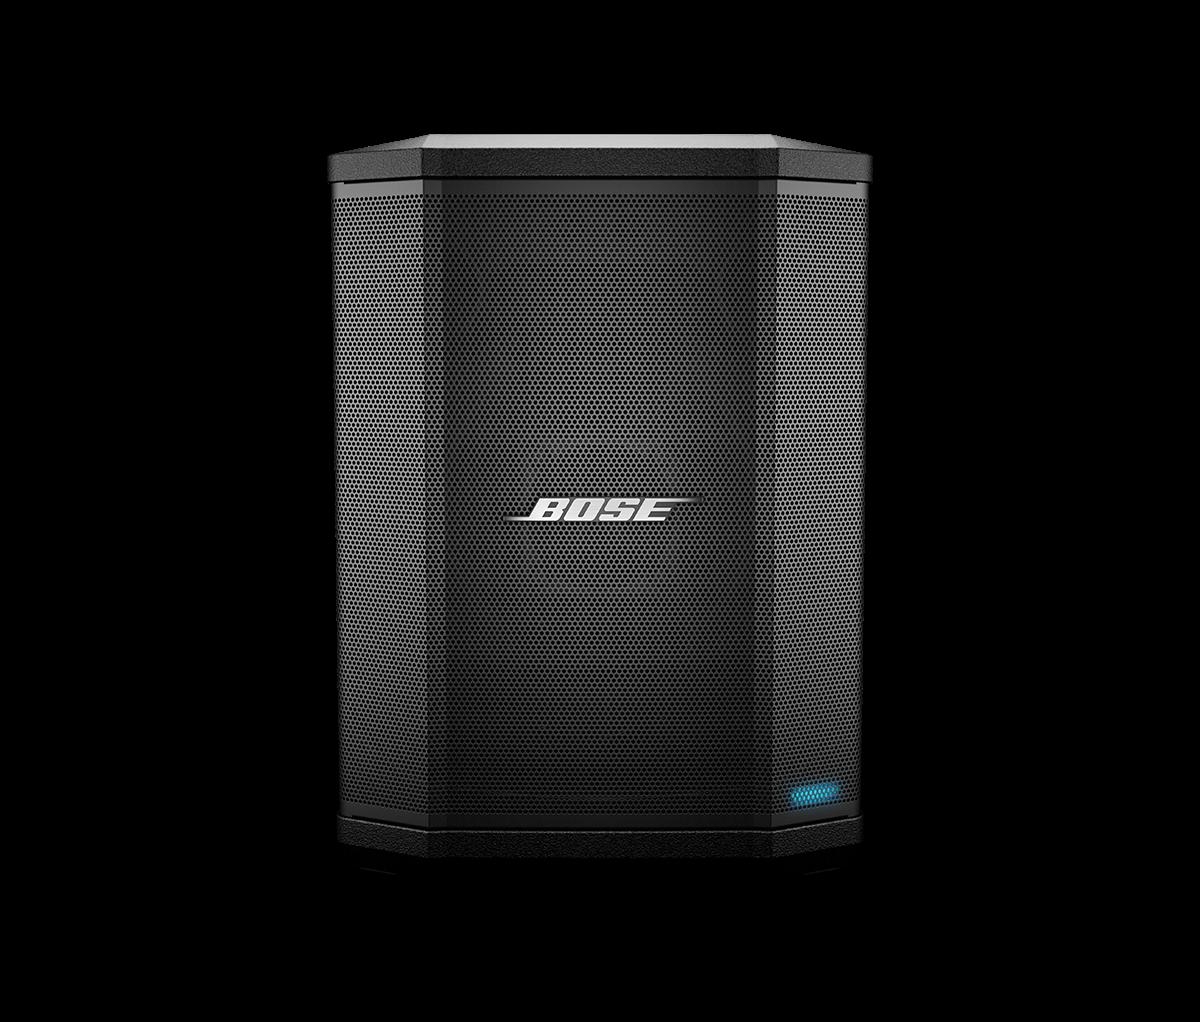 Bose_Sistema_S1_Pro